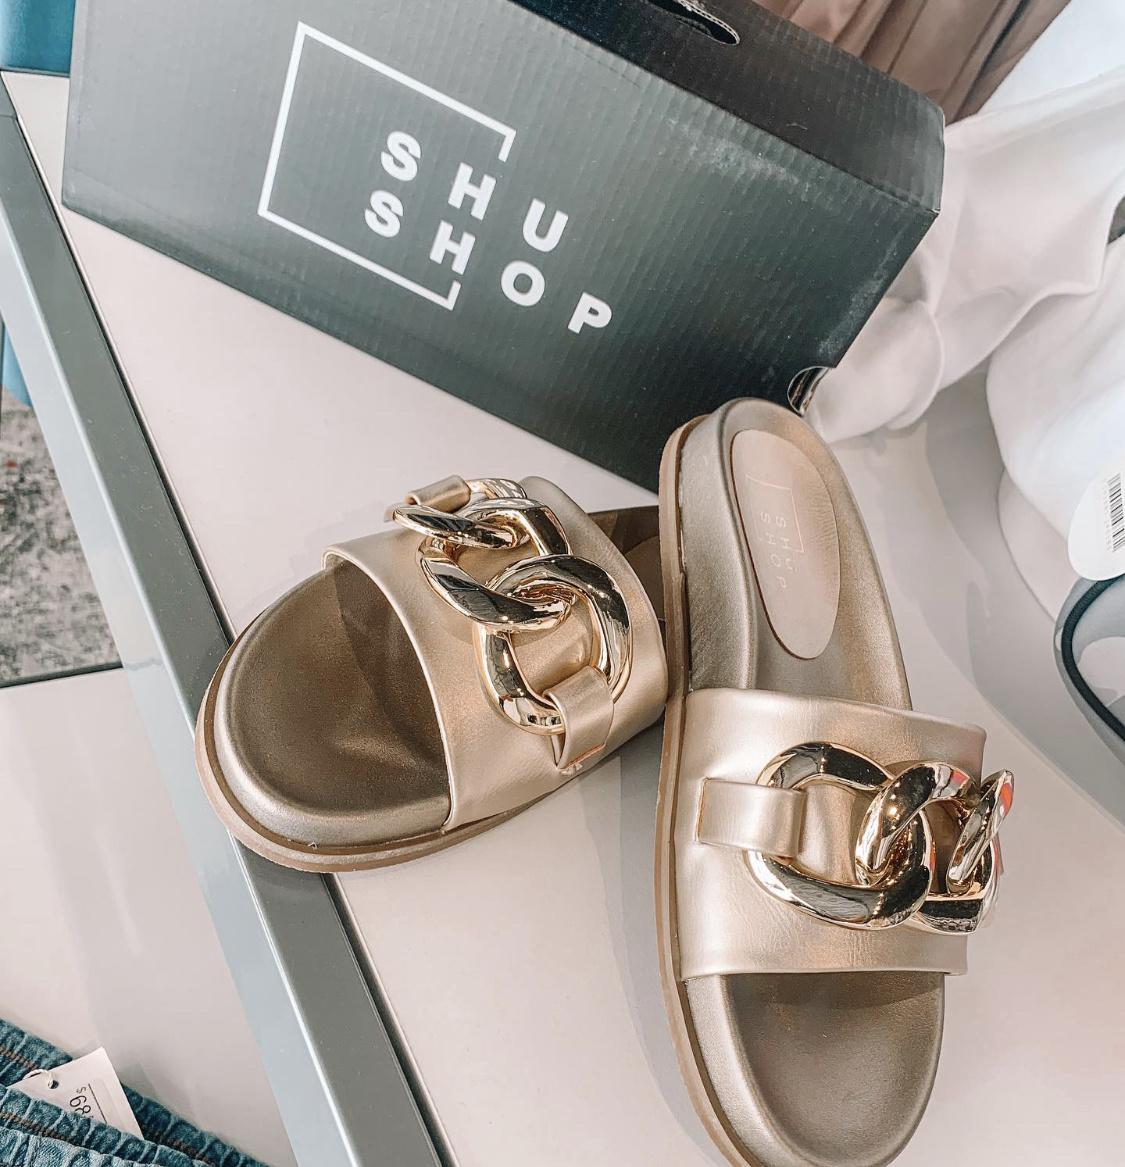 Shu Shop Gold Link Slide